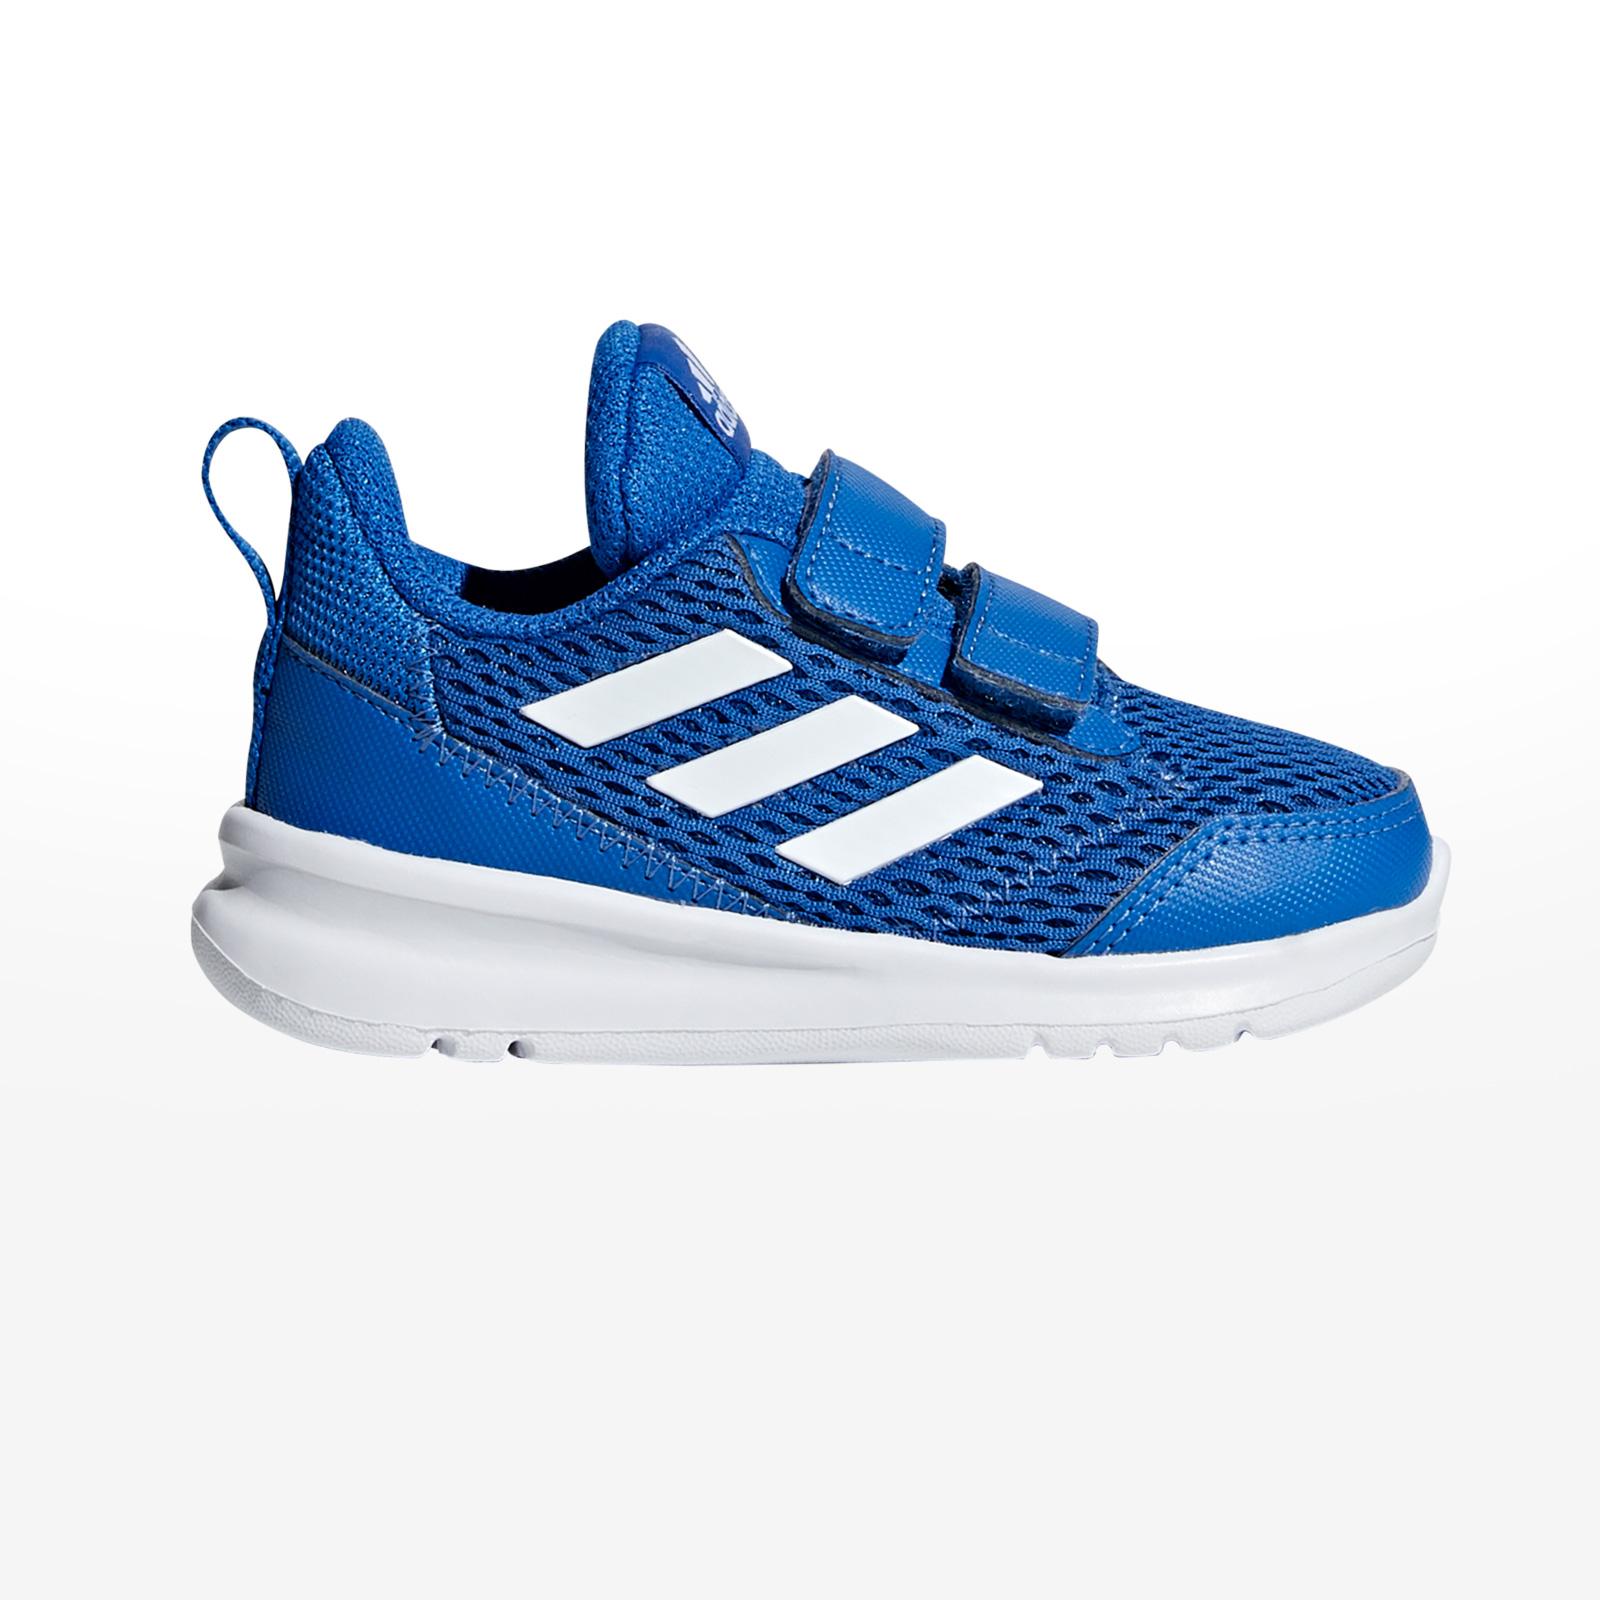 3530ad1f6a9 Sportcafe adidas – ALTARUN CF I – BLUE/FTWWHT/BLUE